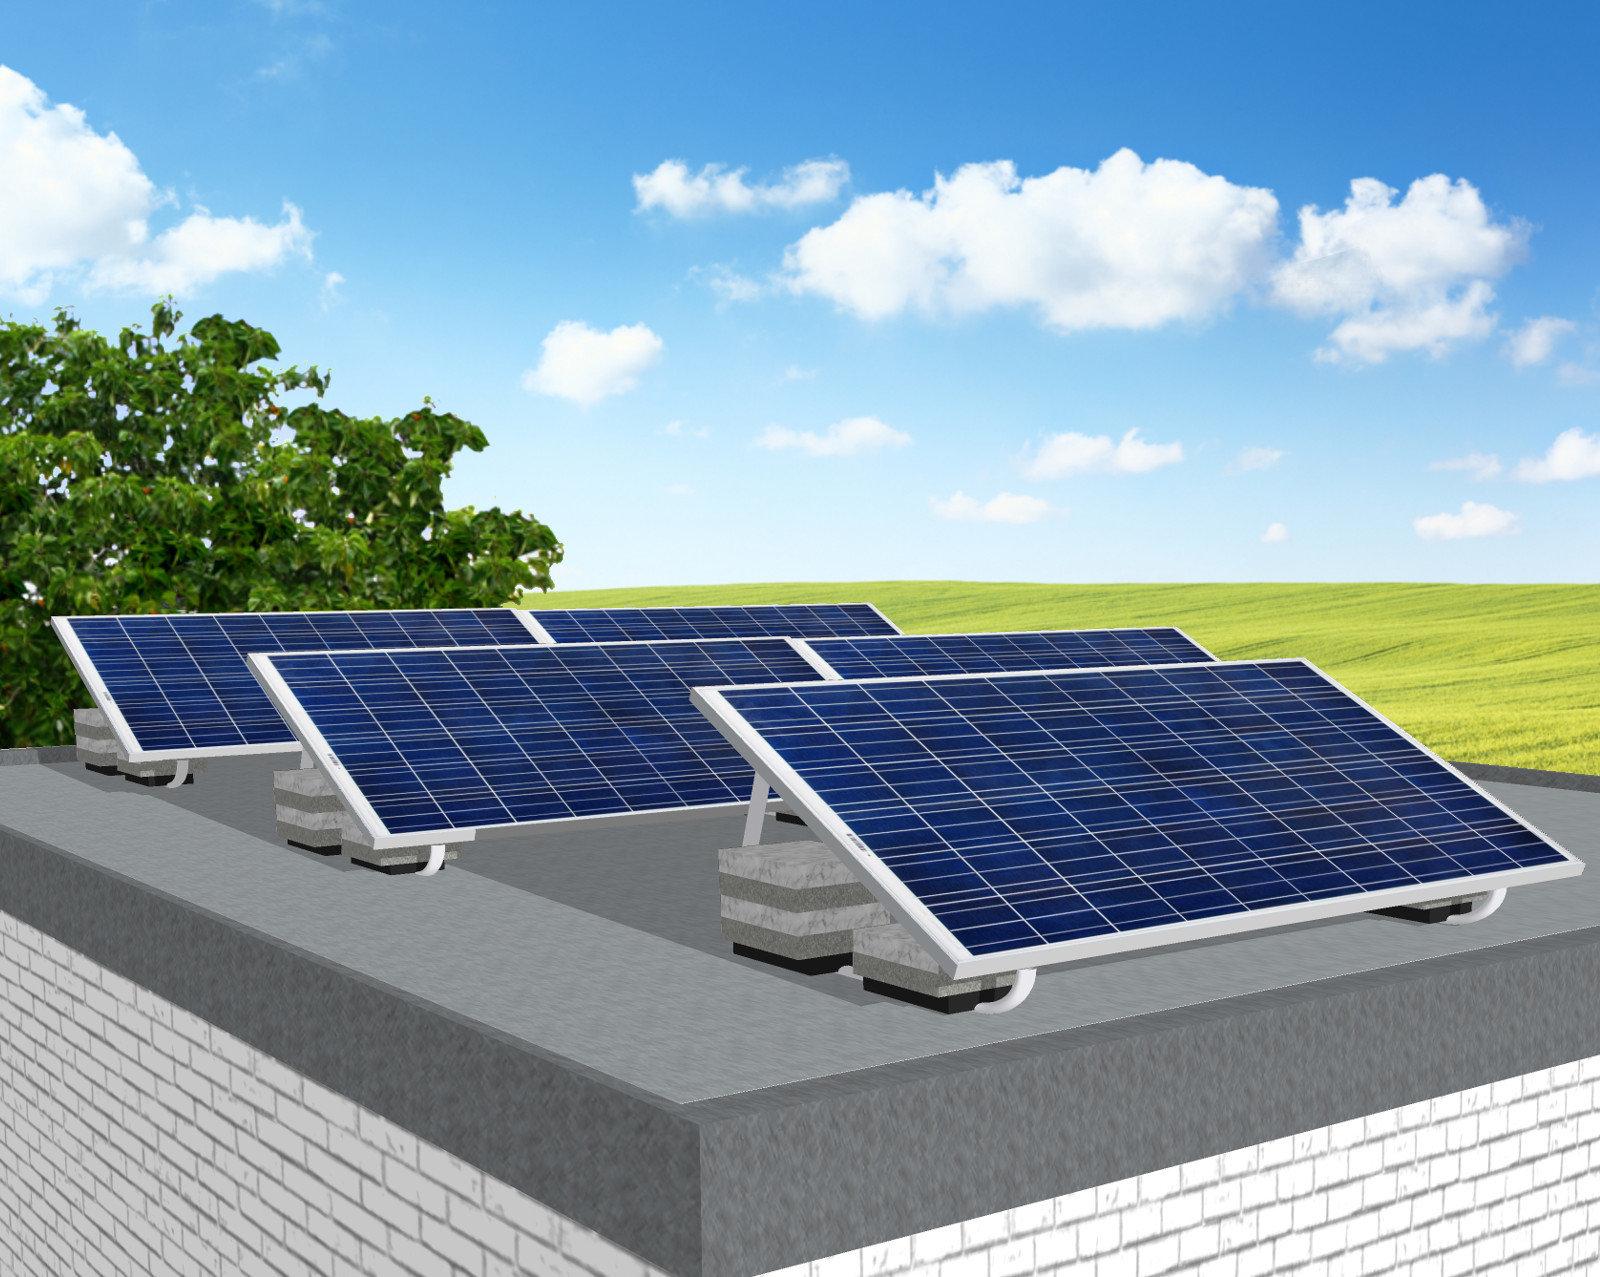 myCleantechSolarPower™ Solaranalage Flachdach oder Carport mit 5 Pannels - Musterbild